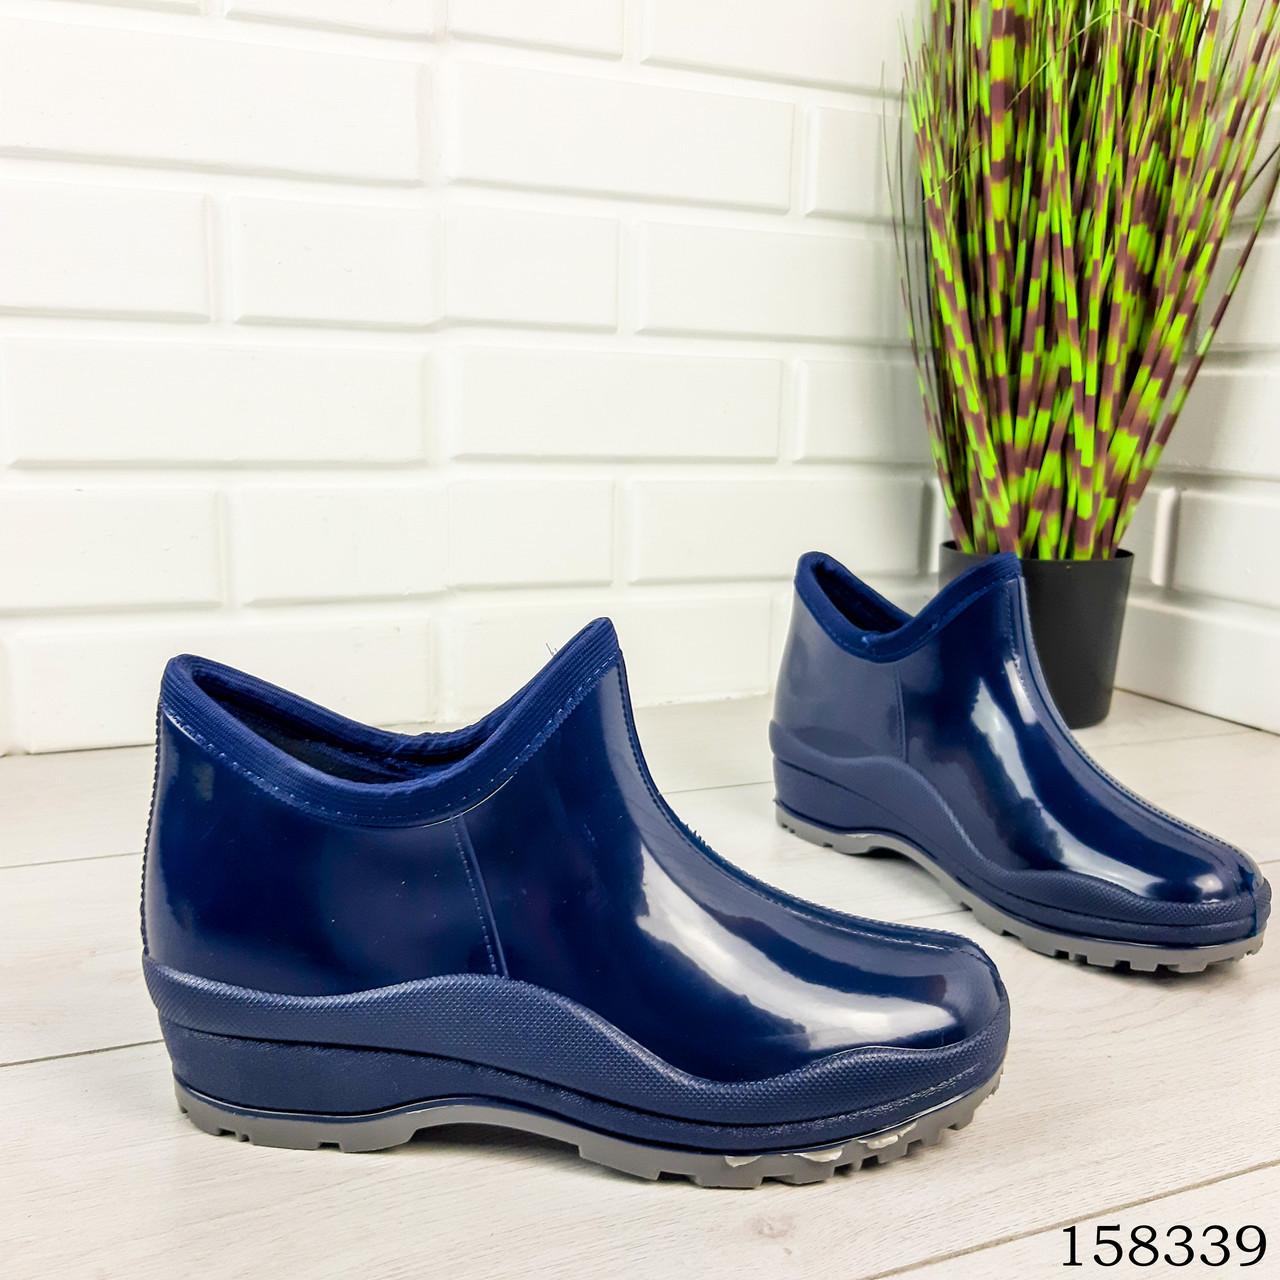 Женские ботинки демисезонные синего цвета из литой резины